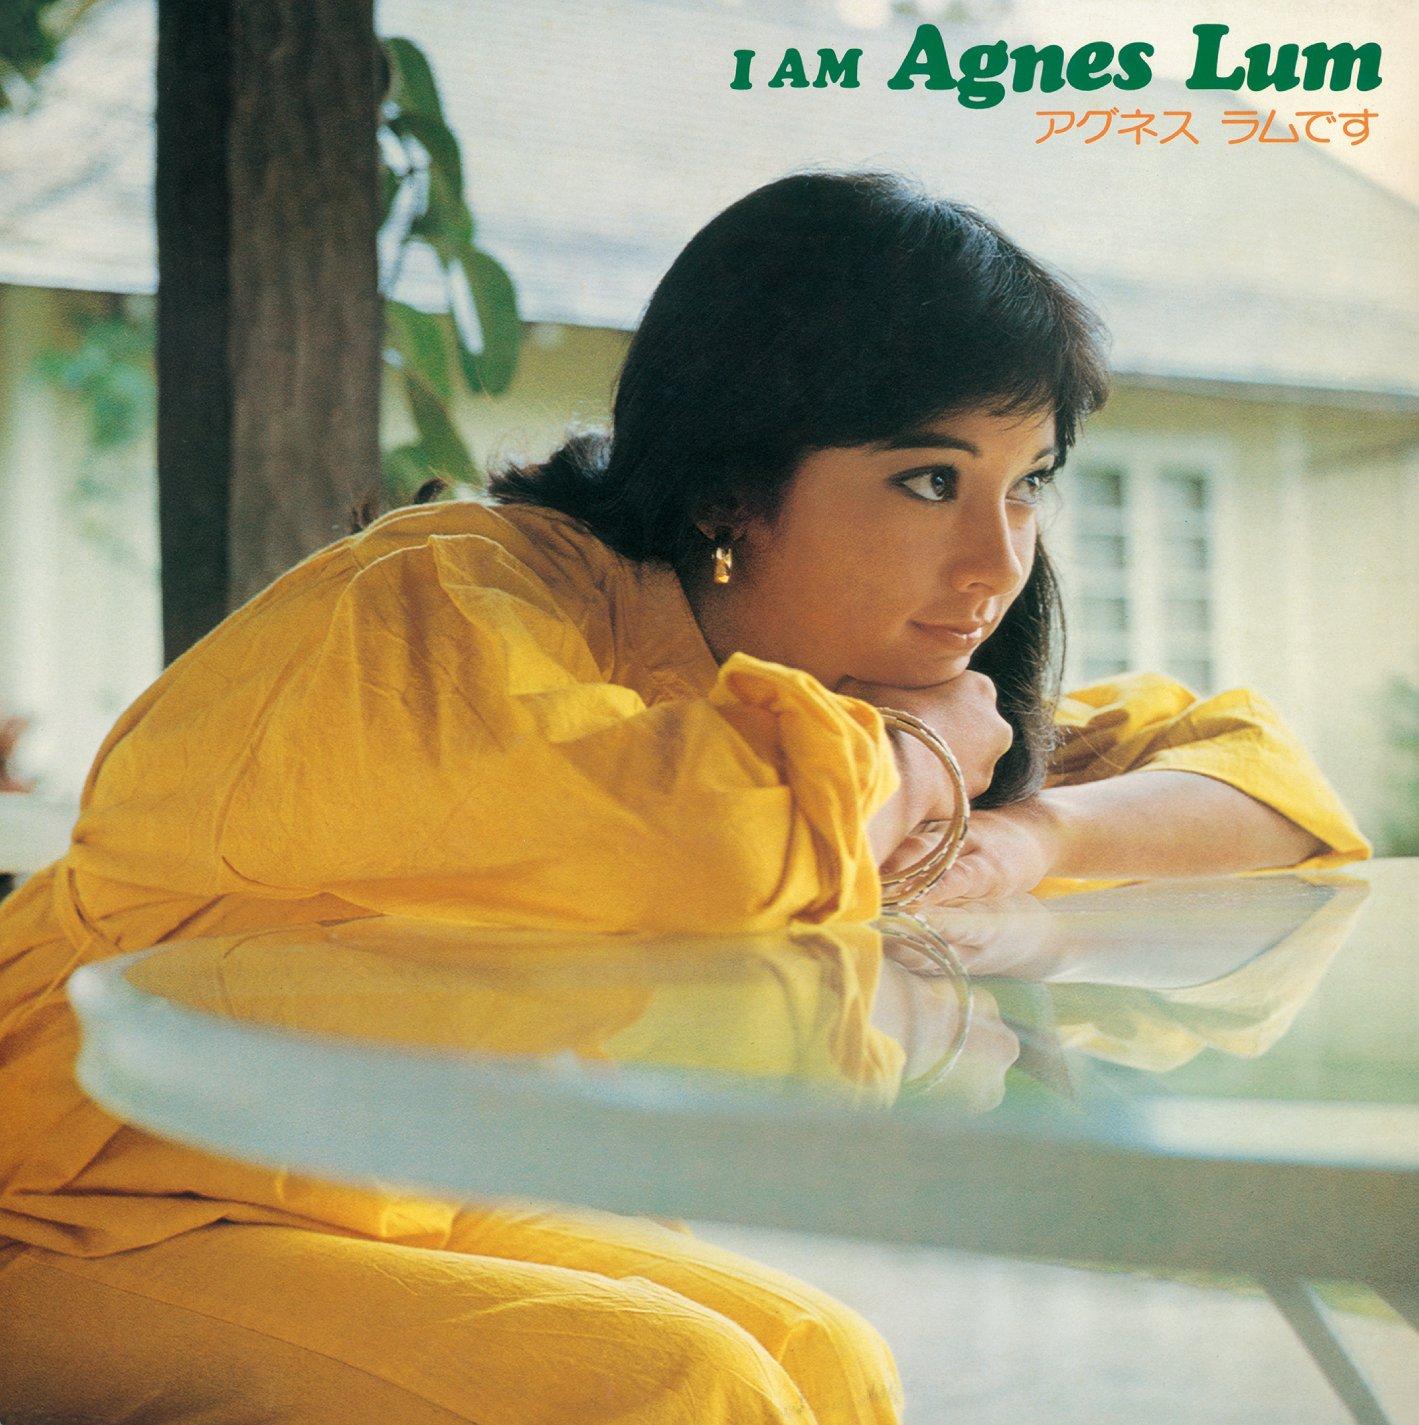 Agnes Lum Agnes Lum new pictures